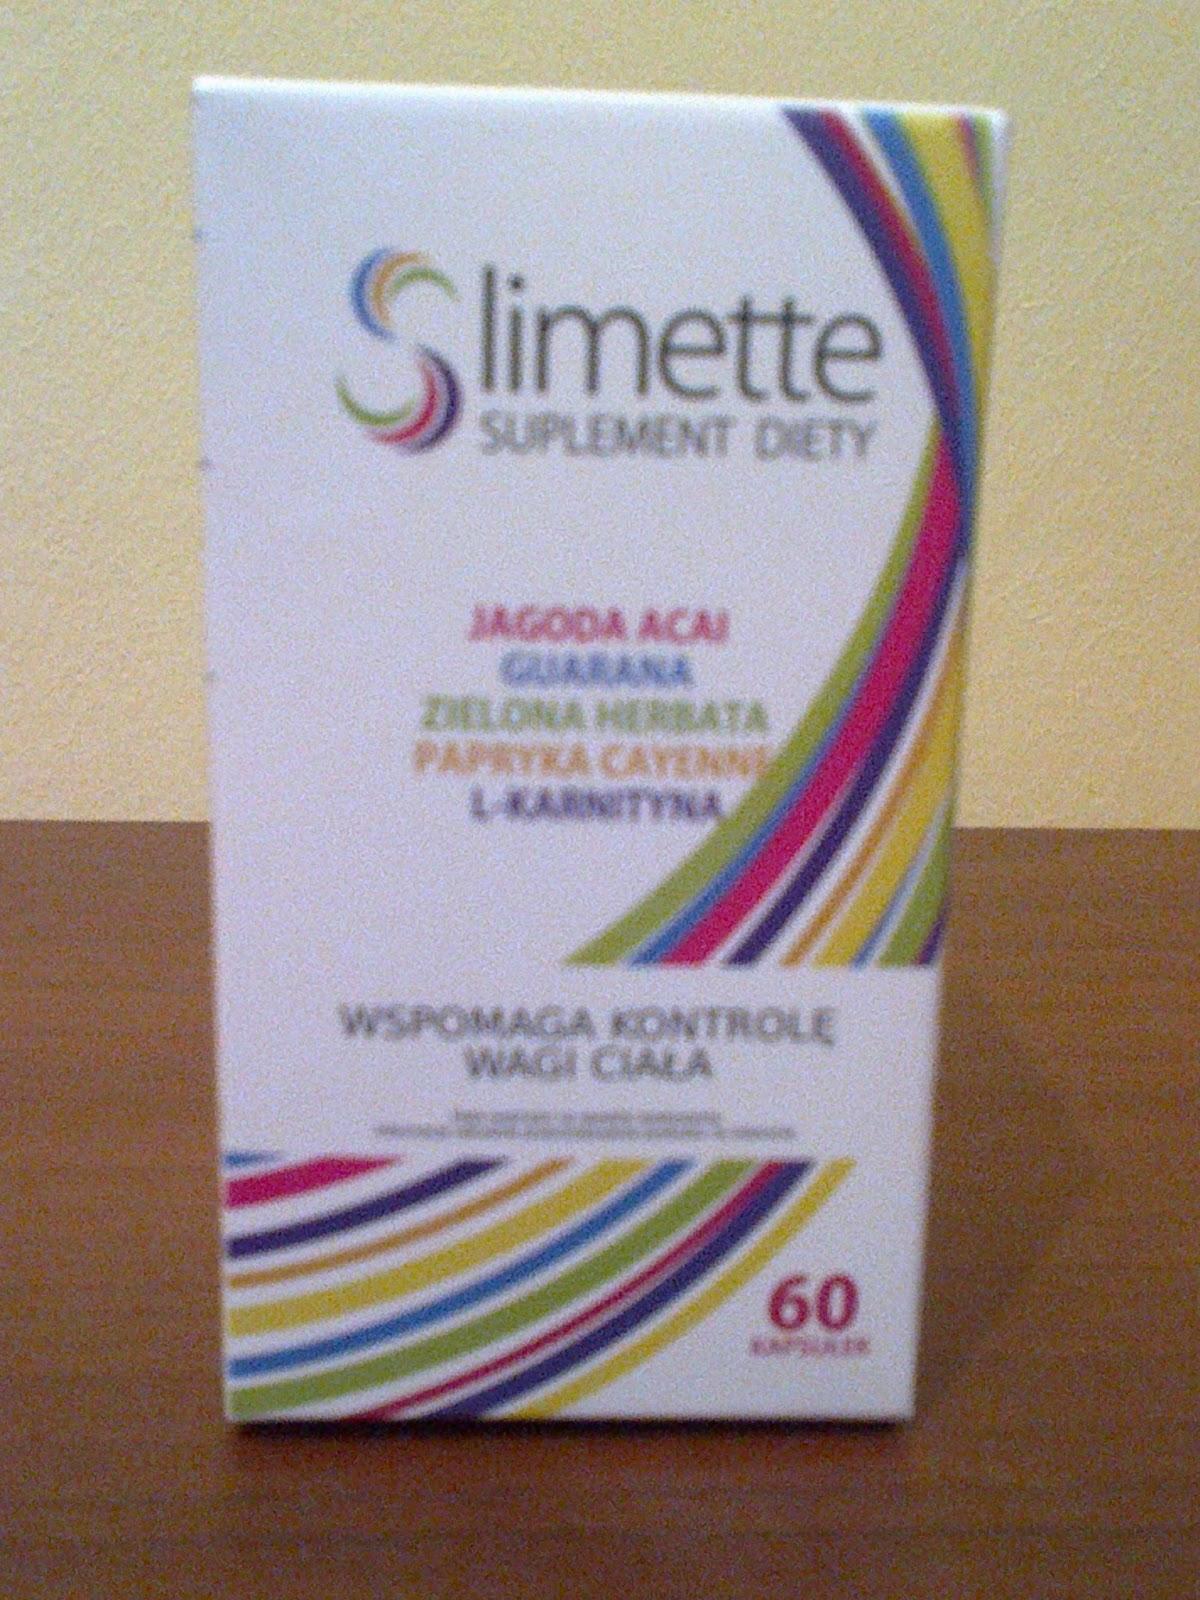 Slimette – suplement diety wspomagający kontrolę wagi ciała